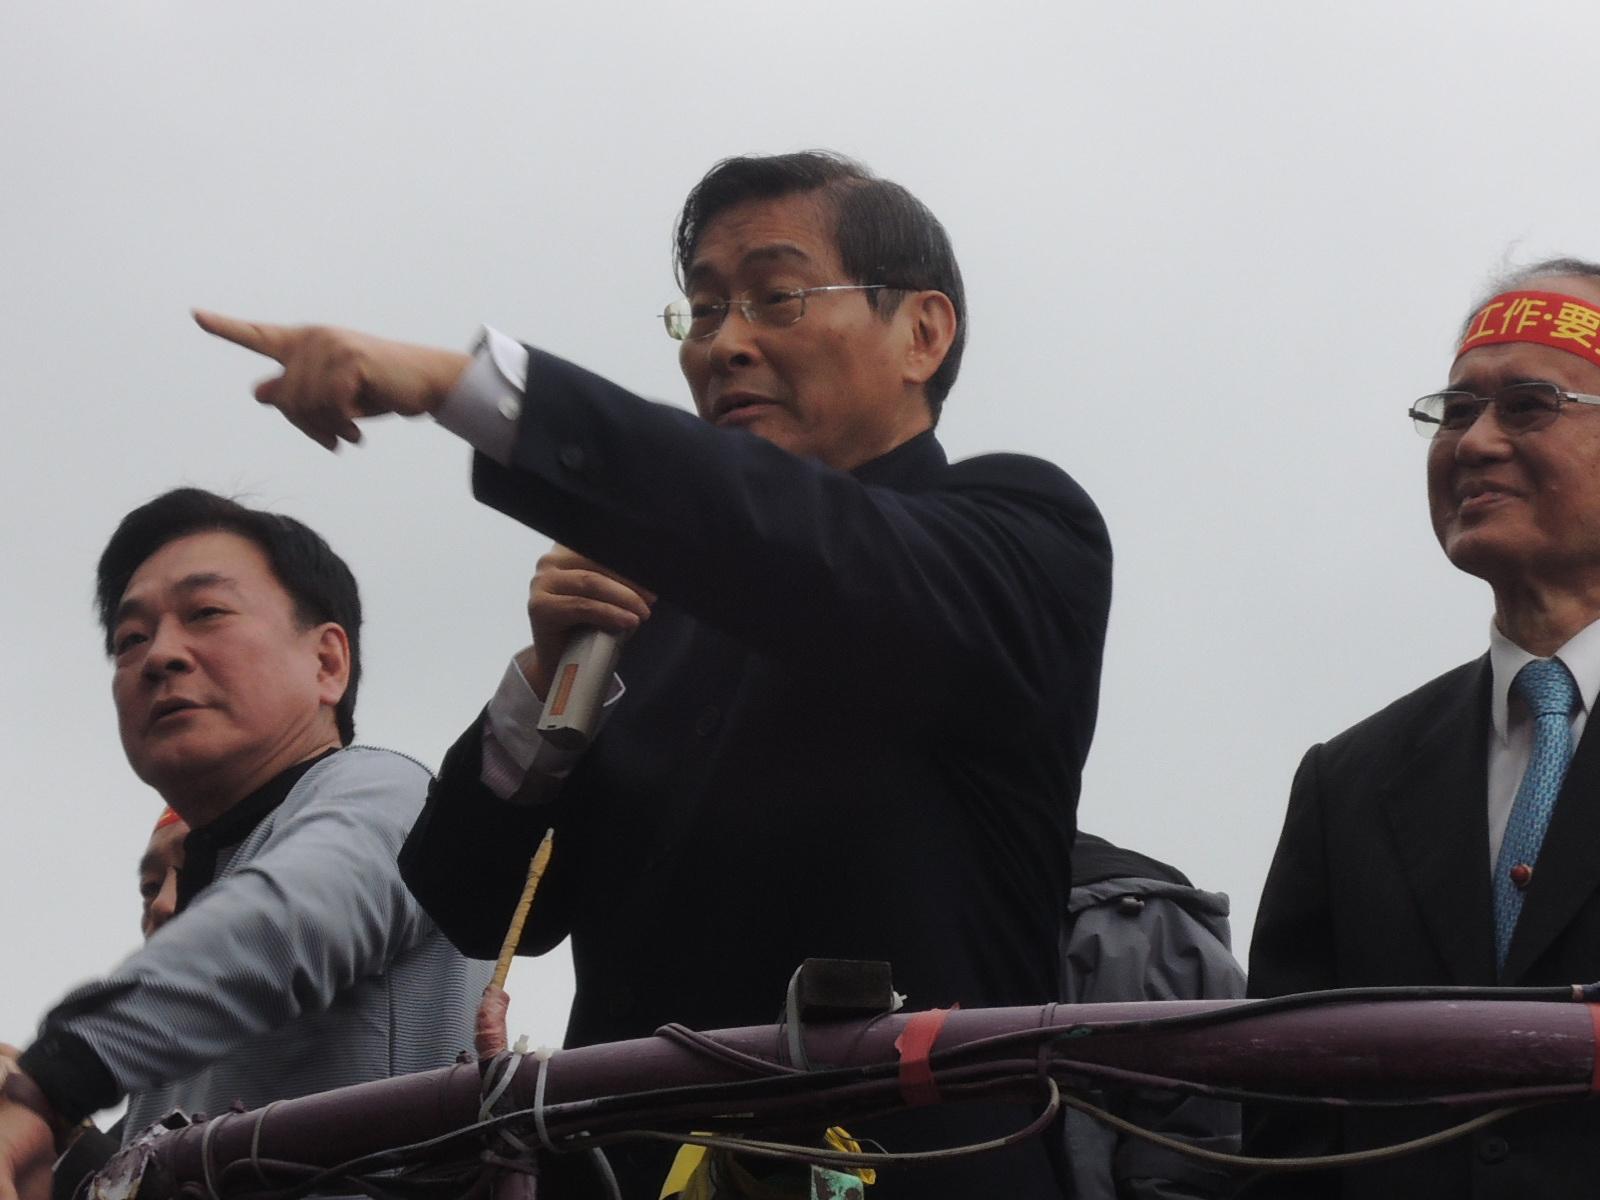 竹联帮白狼张安乐_新闻中心 本网快讯 > 正文       大哥总裁-张安乐(白狼)   前竹联帮